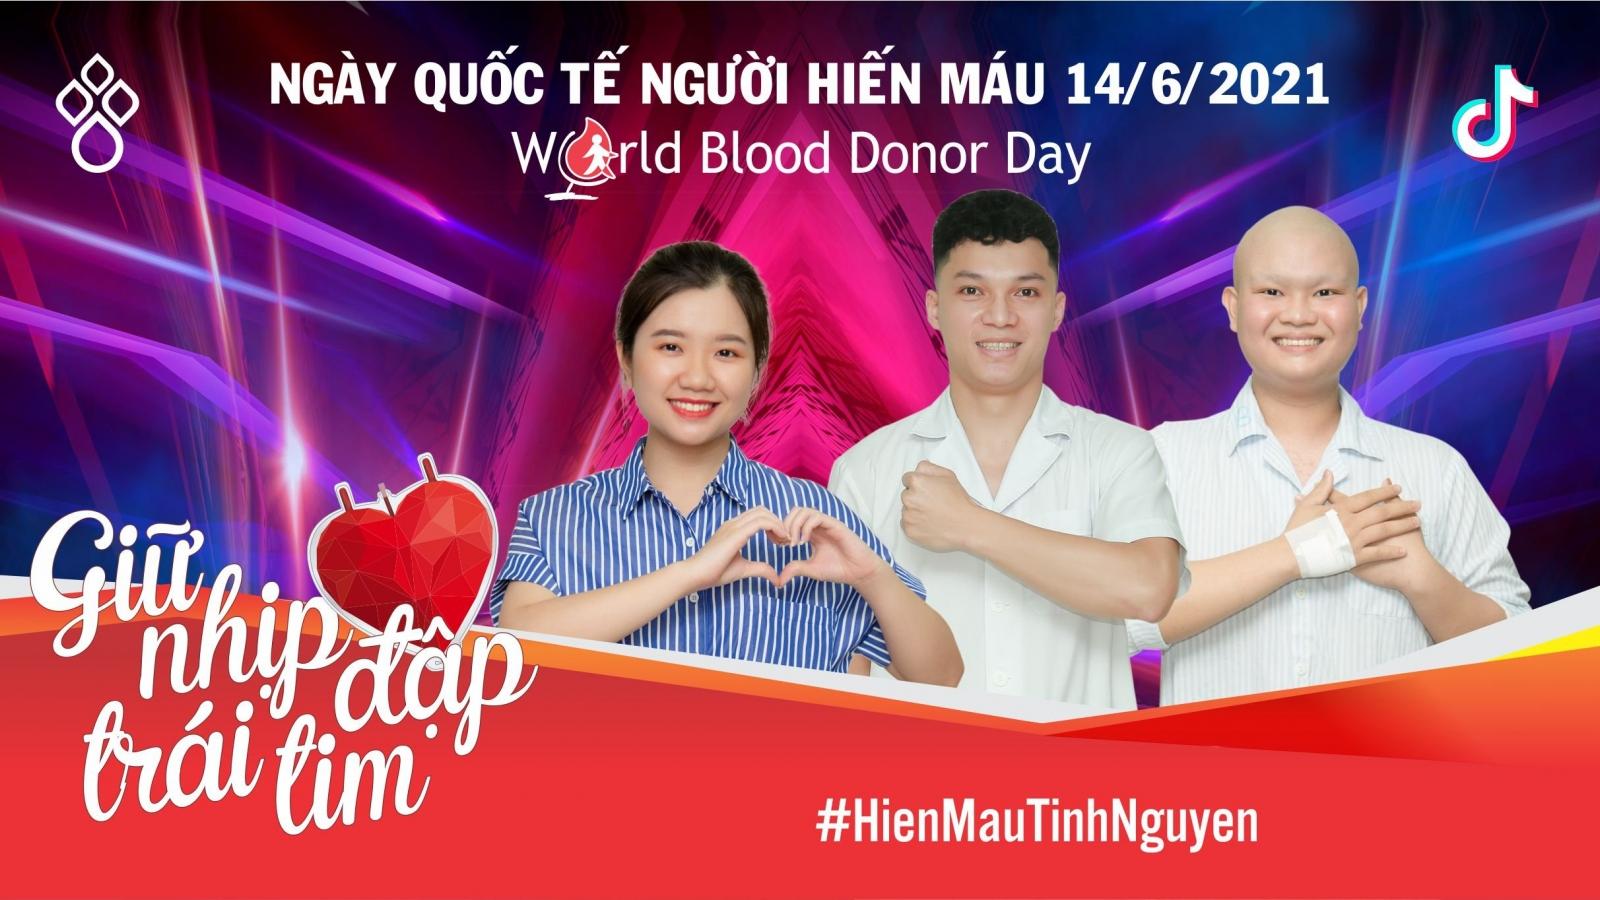 """Chiến dịch """"Giữ nhịp đập trái tim"""" trên TikTok giúp người bệnh cần máu vượt qua khó khăn"""